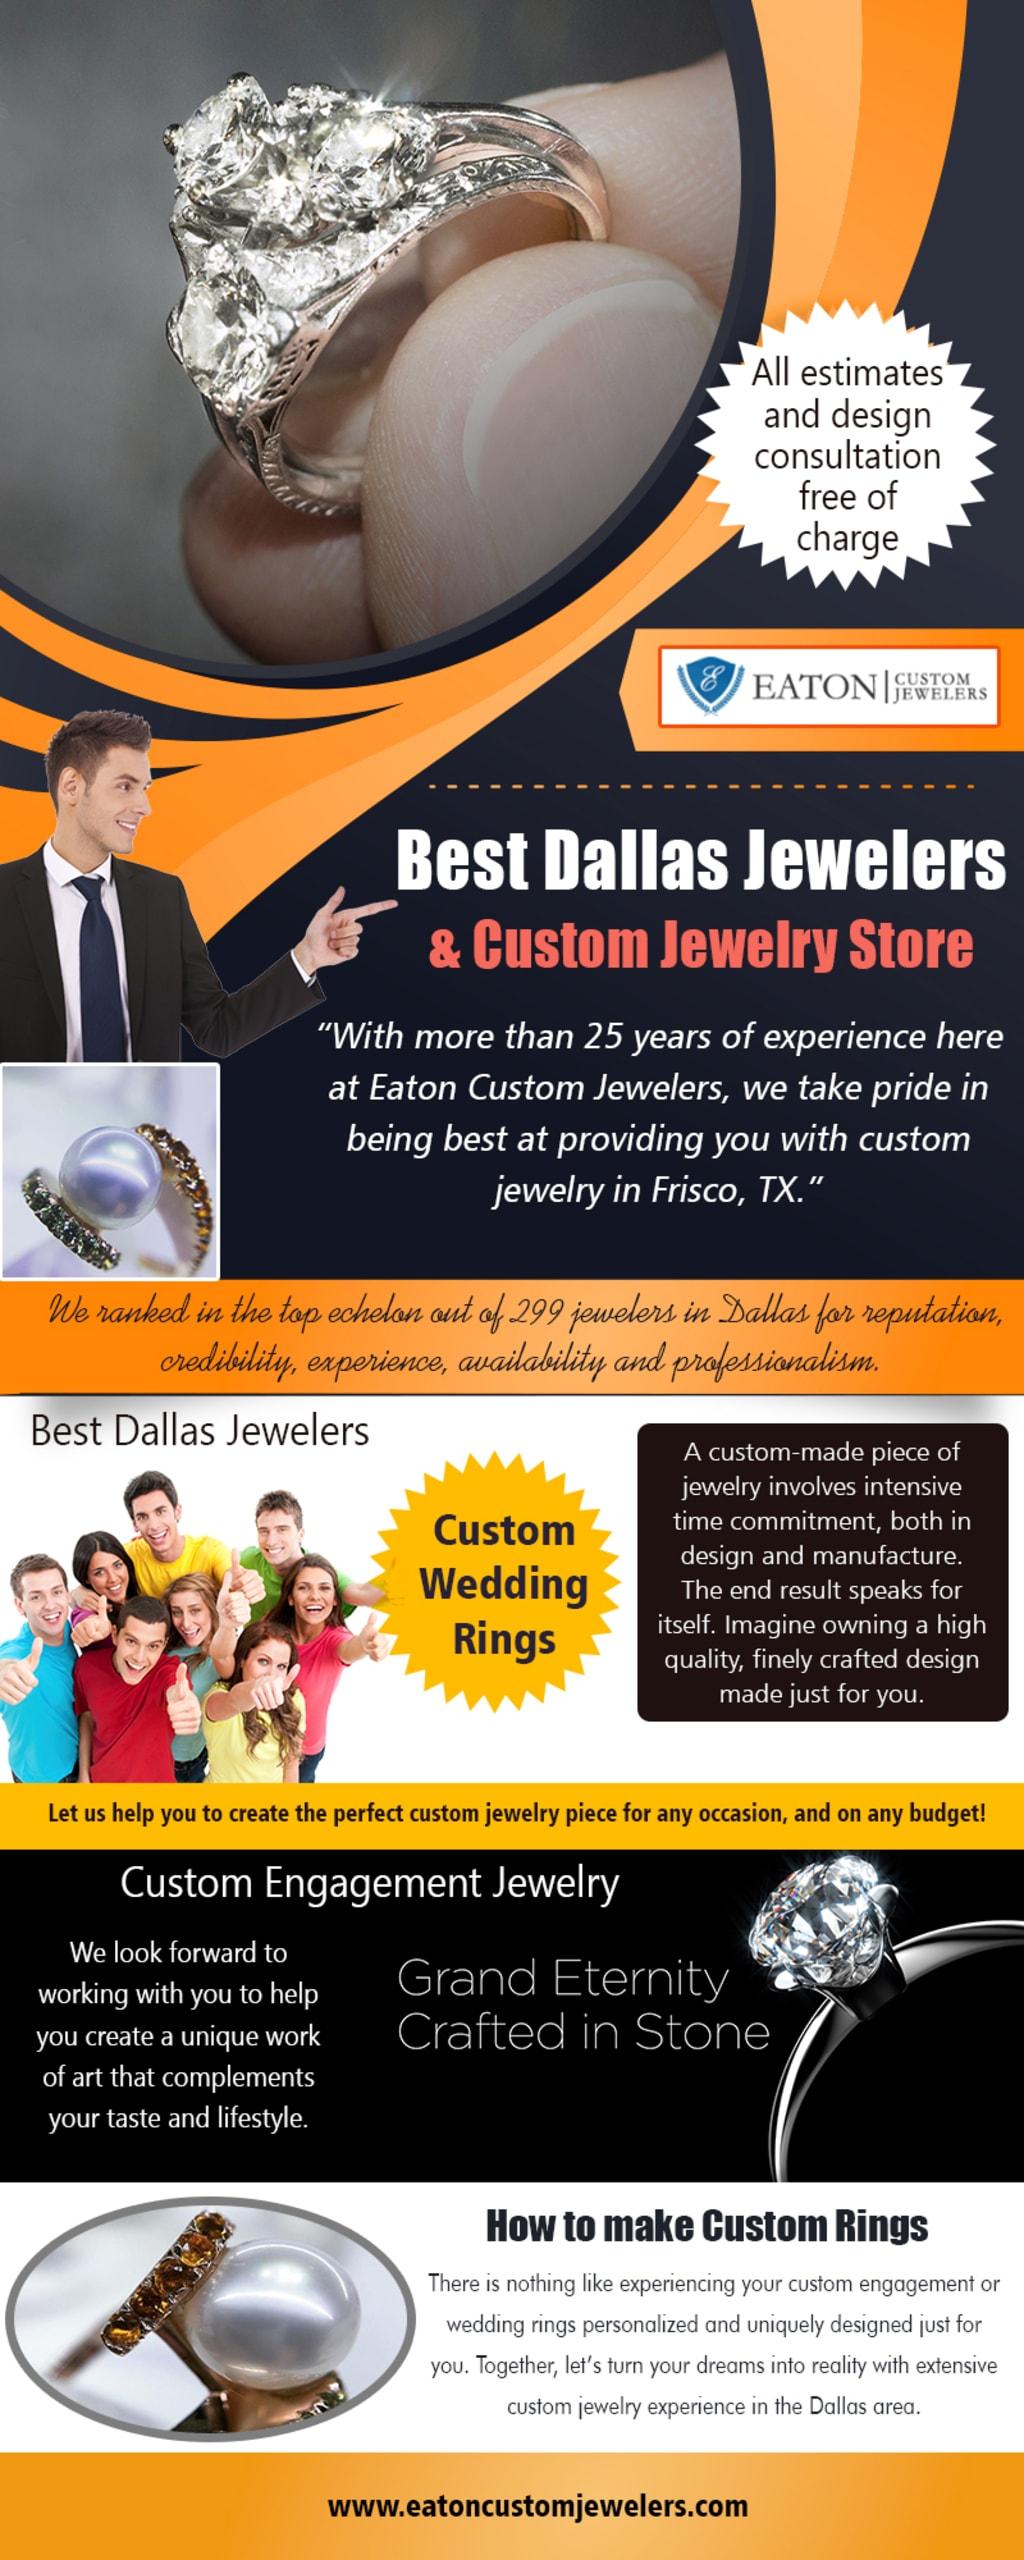 Best Dallas Jewelers & Custom Jewelry Store via Jewelers Custom